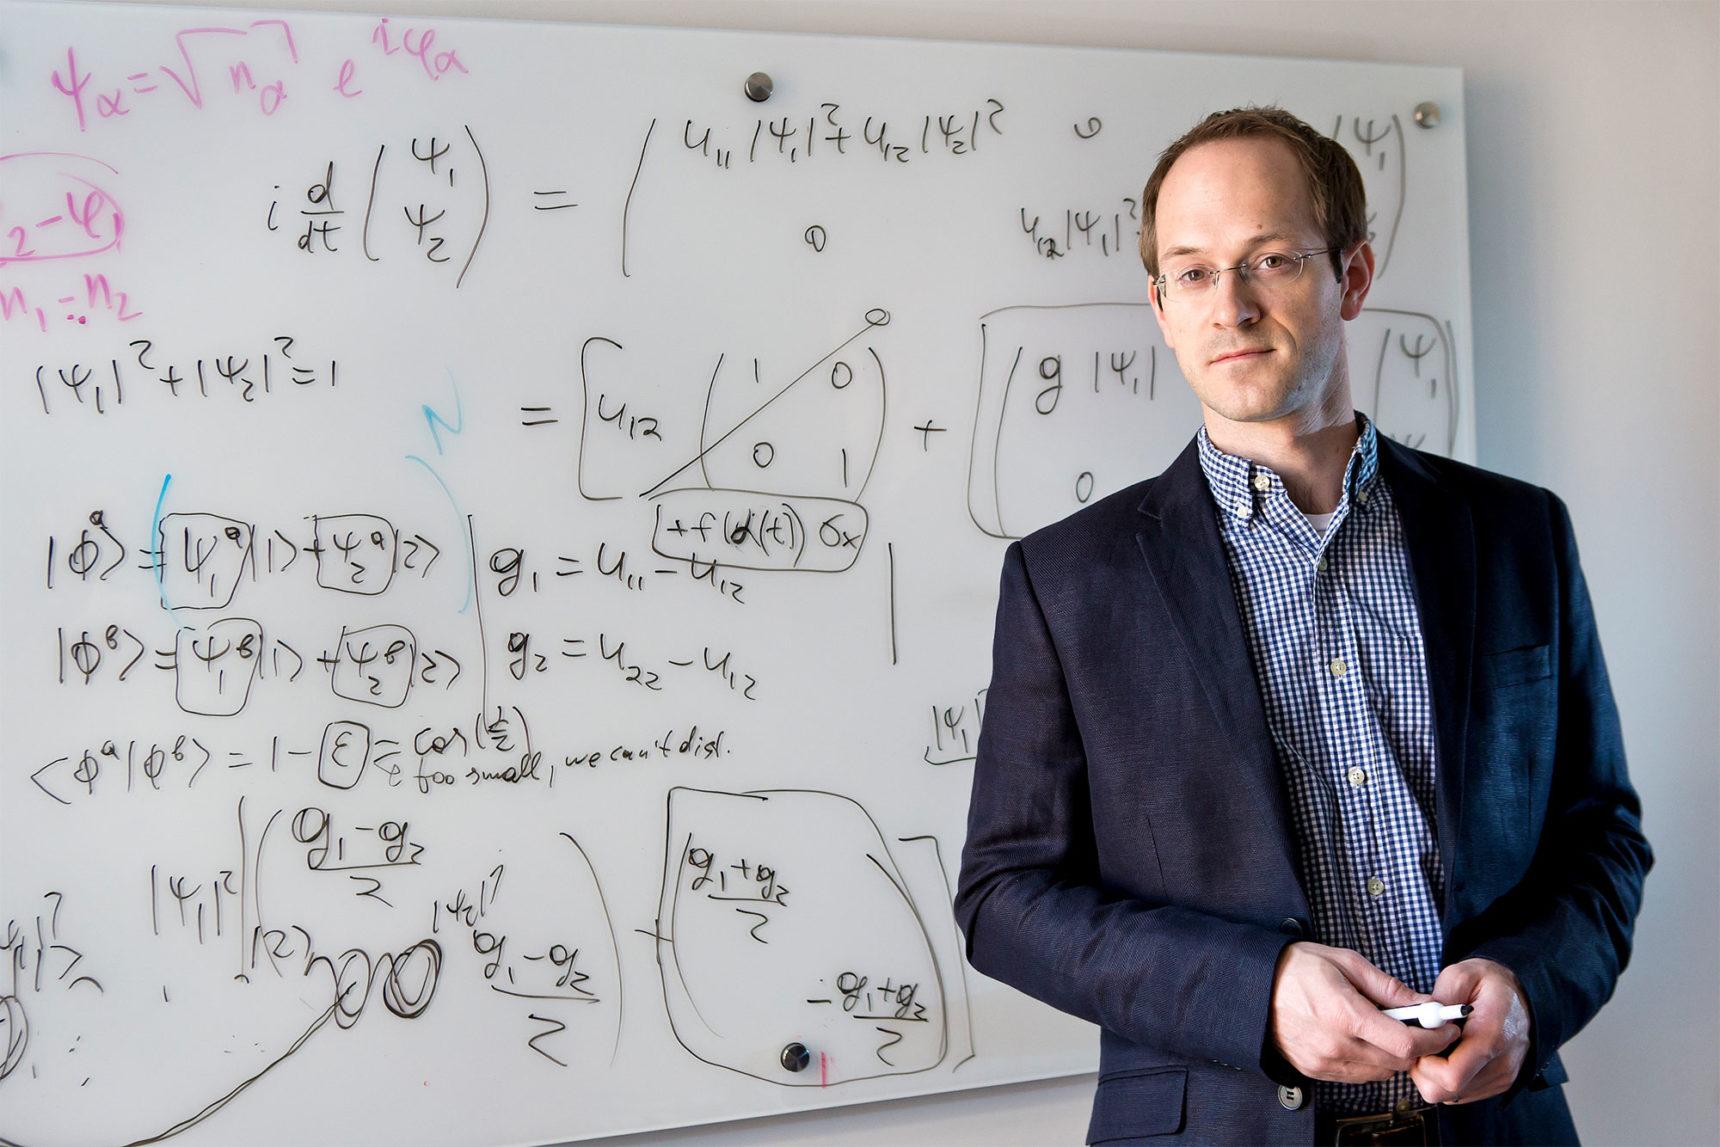 Foto de Andrew Childs de pie frente a una pizarra llena de matemáticas